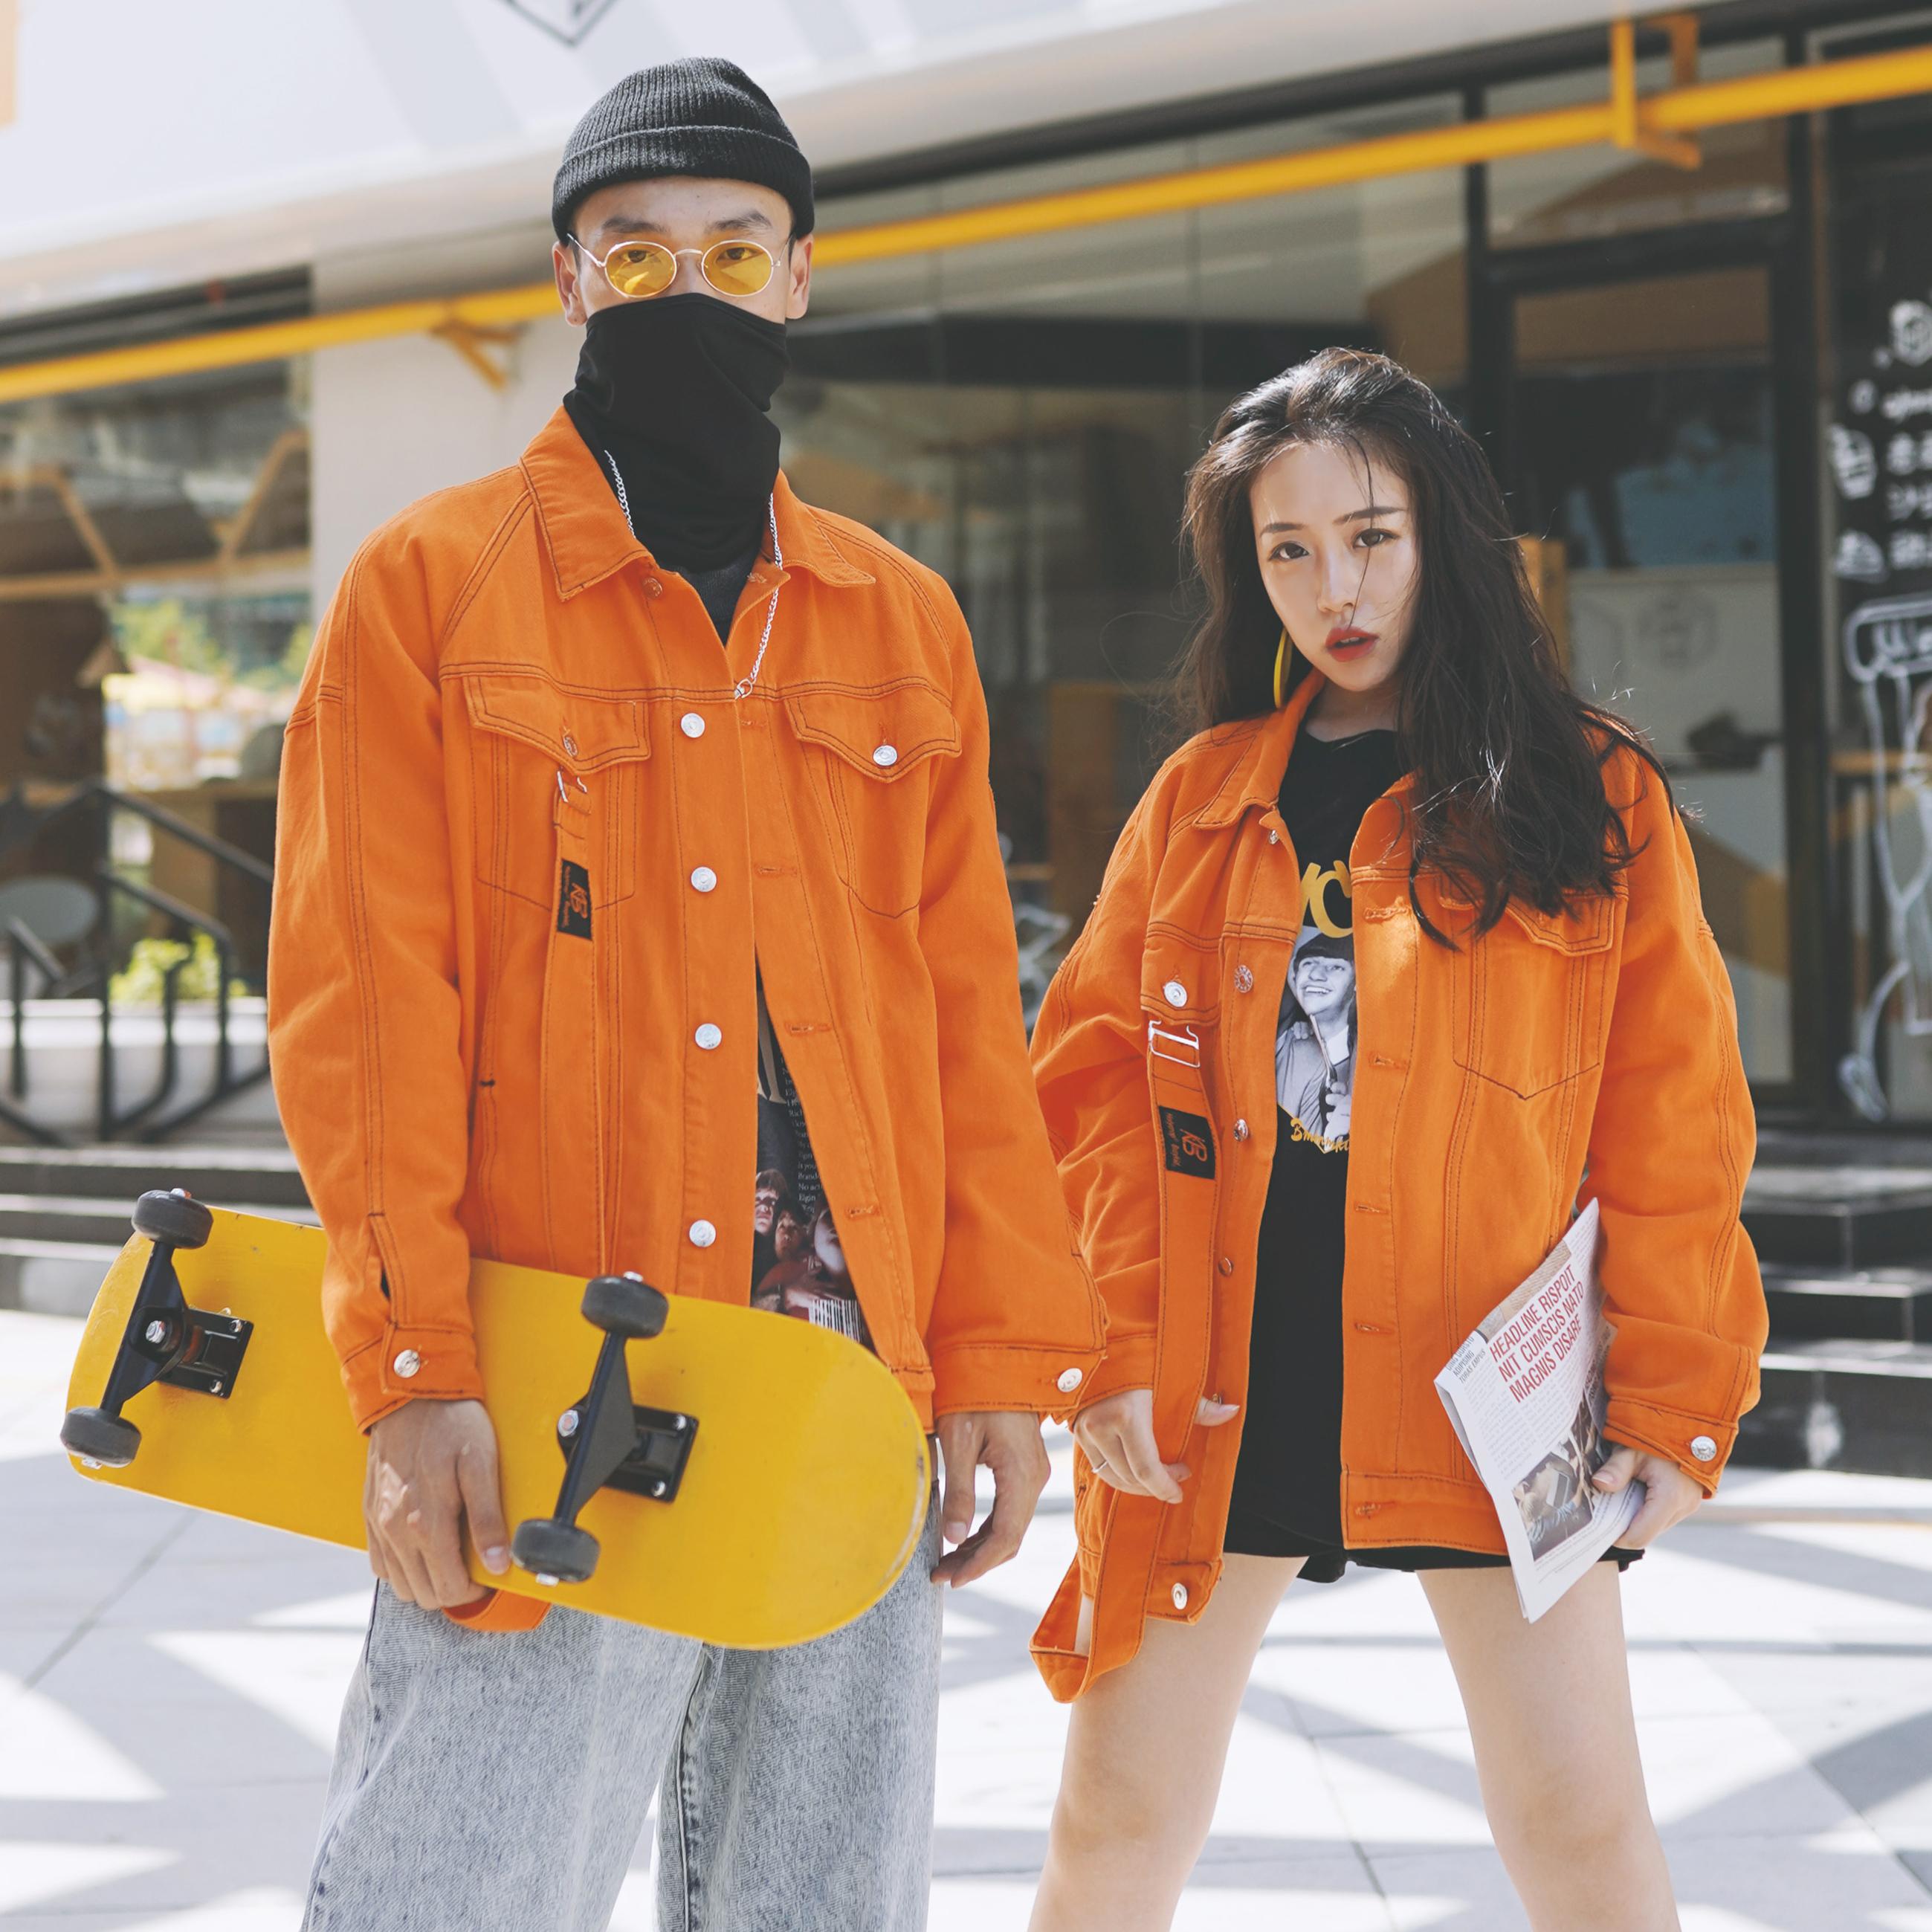 Hiphop嘻哈国潮橙色牛仔外套秋男女街舞宽松情侣潮牌夹克橘色大码